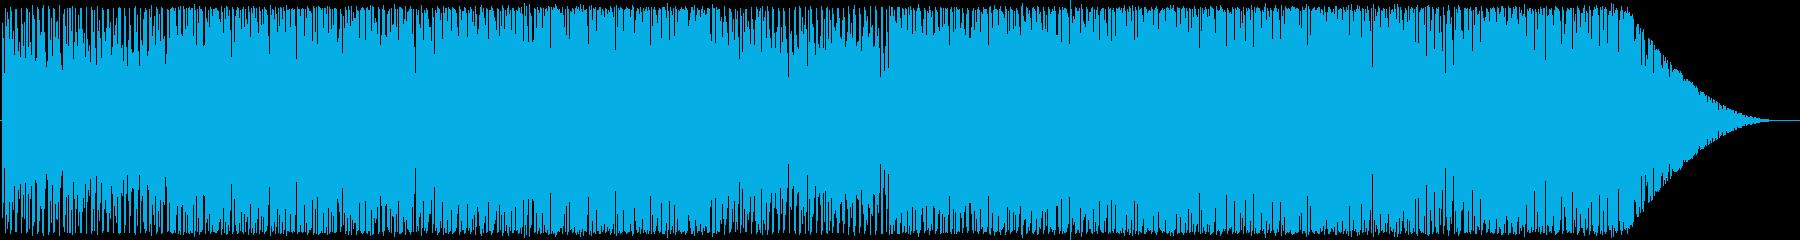 沖縄の海をイメージした曲の再生済みの波形